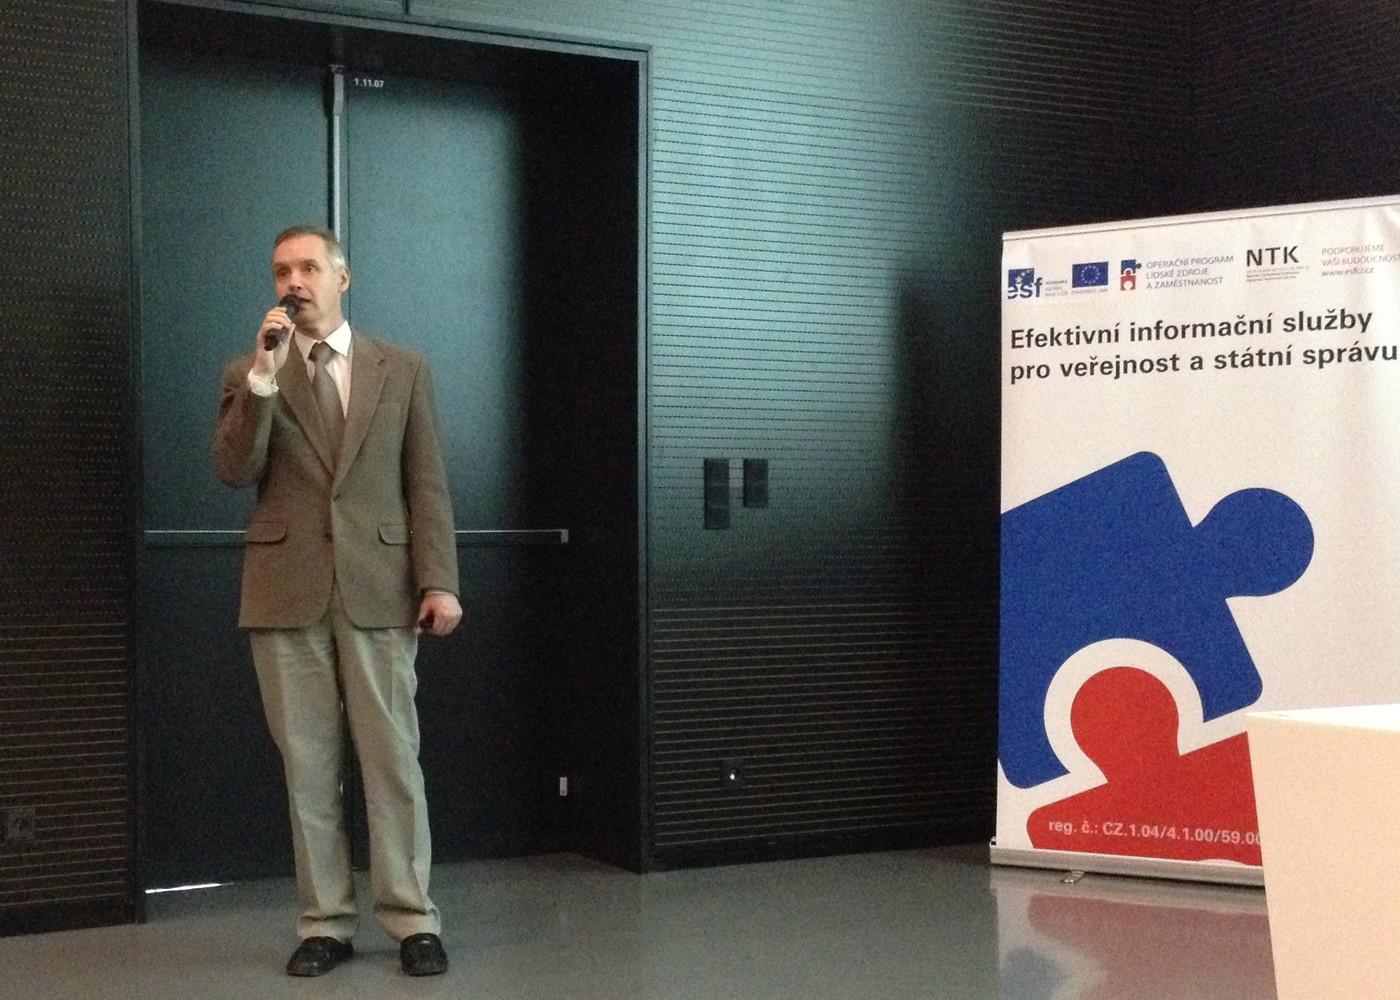 Závěrečná přednáška konference v podání Milana Číhy